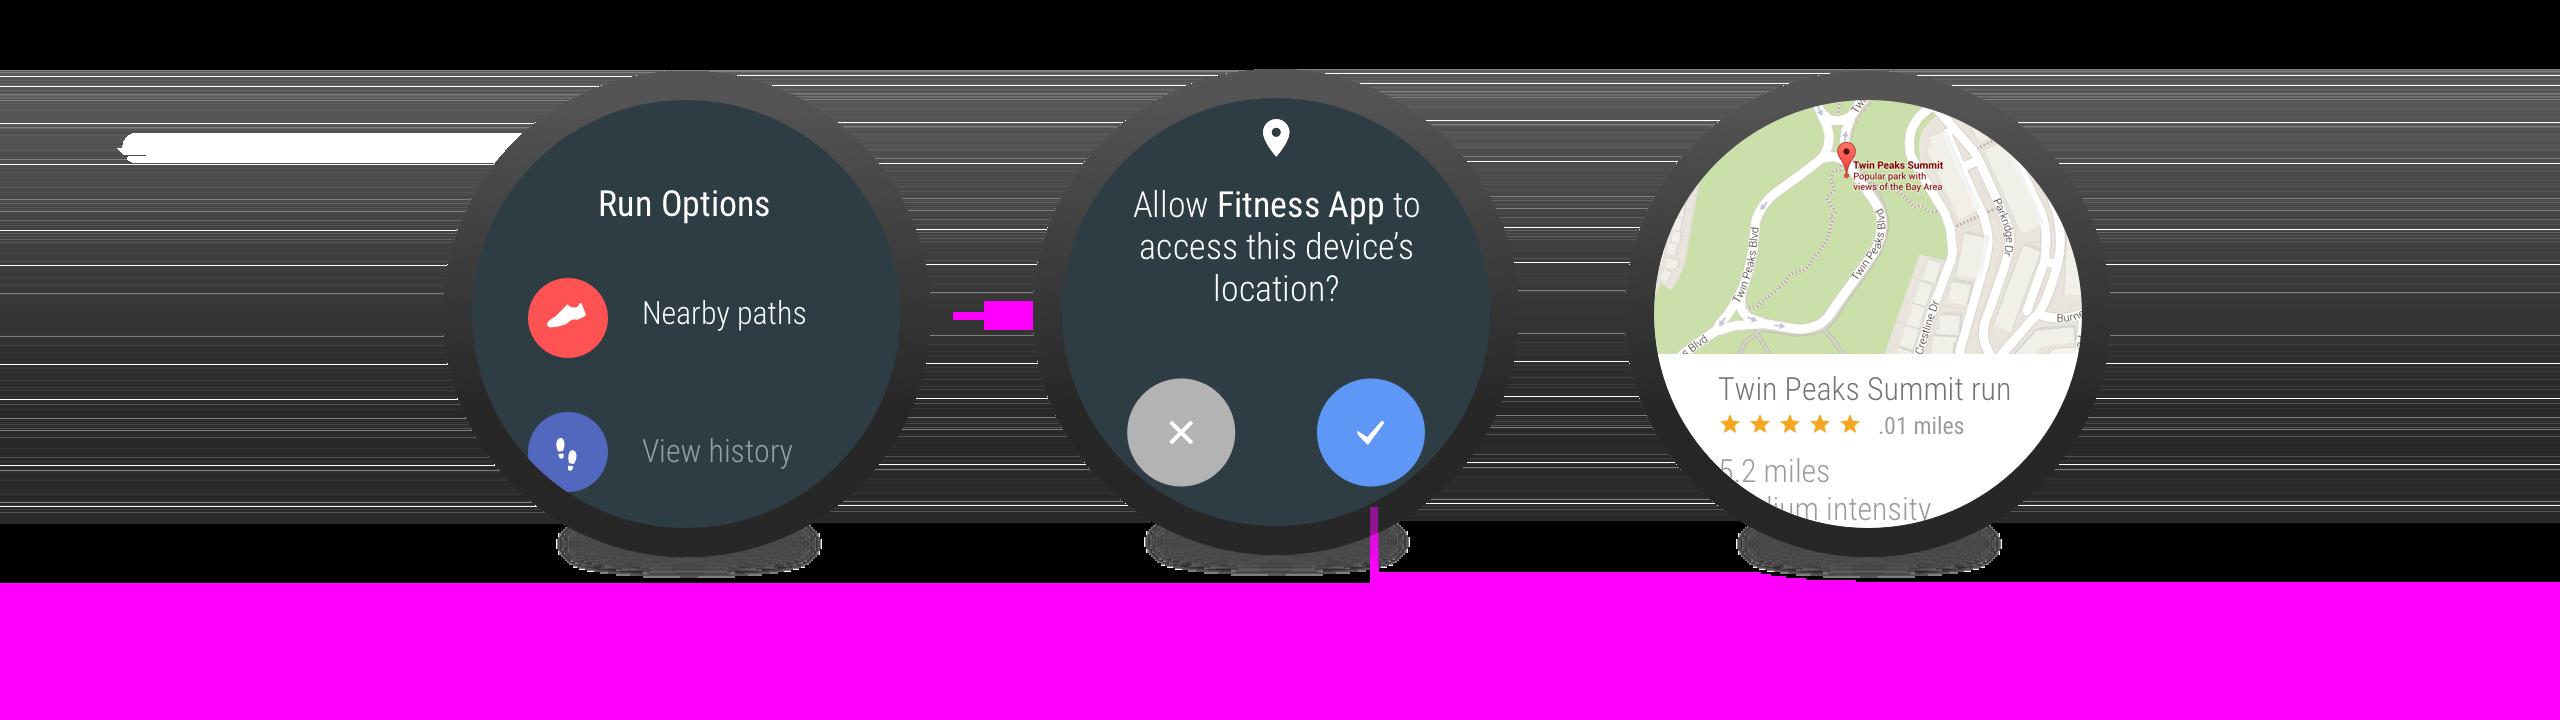 La app solicita permiso cuando la necesidad es obvia.